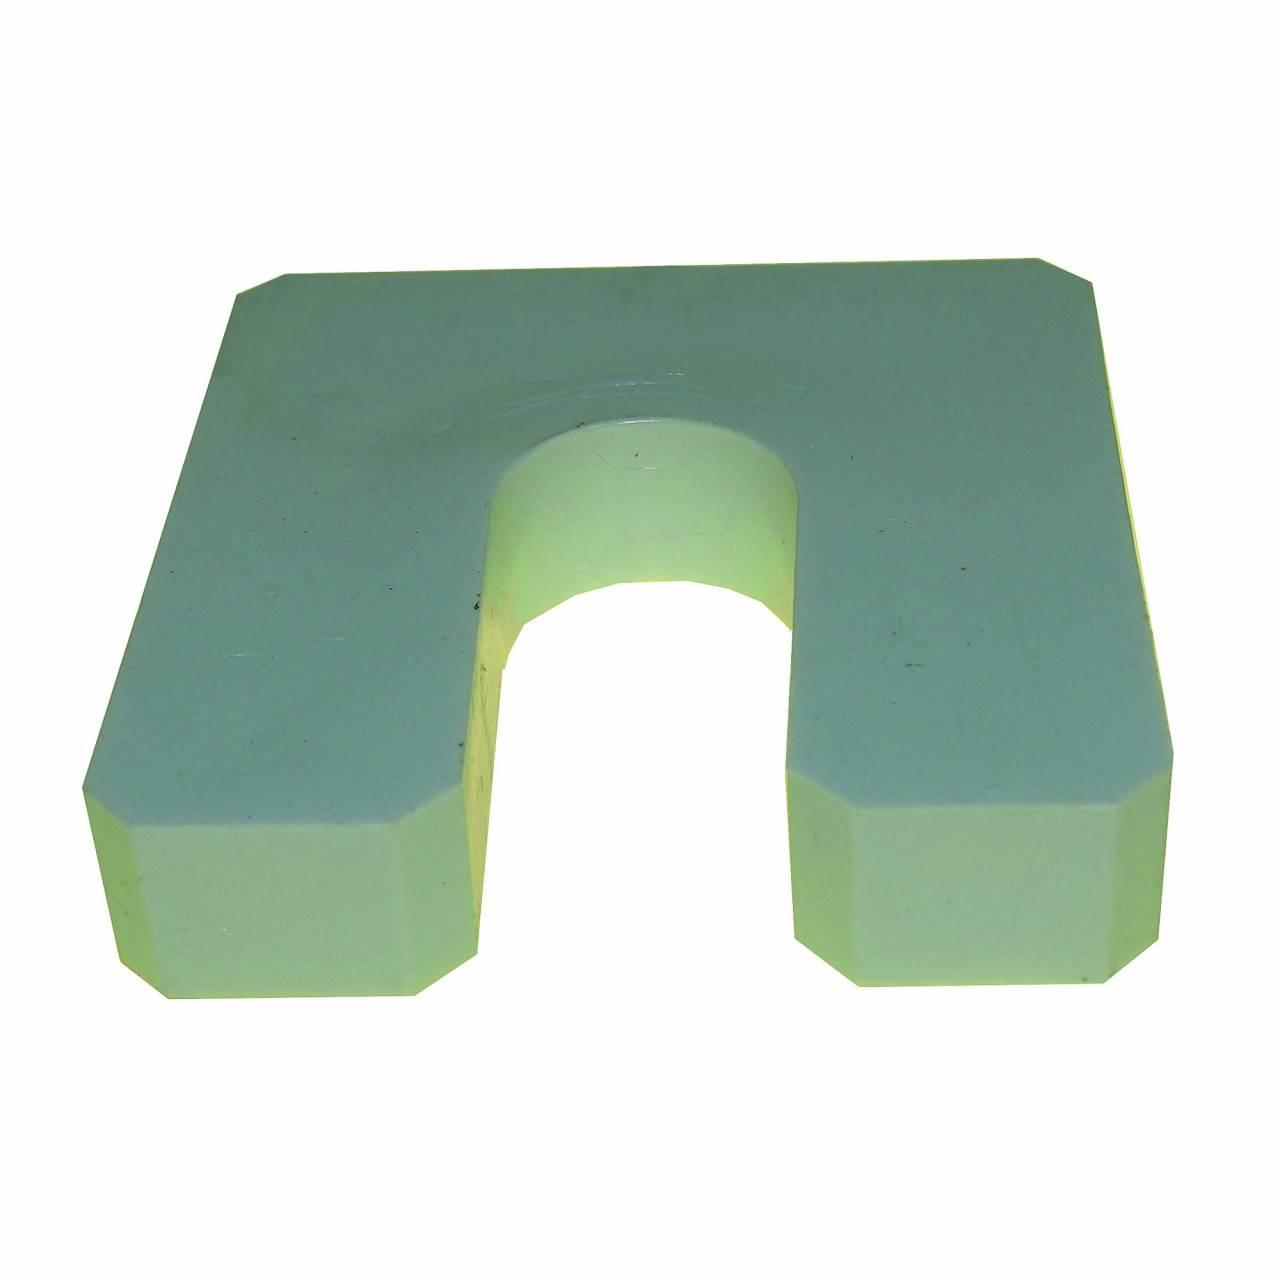 Montageplatten 70 x 70 x 15 mm, mit Schlitz / Sack a 200 Stück